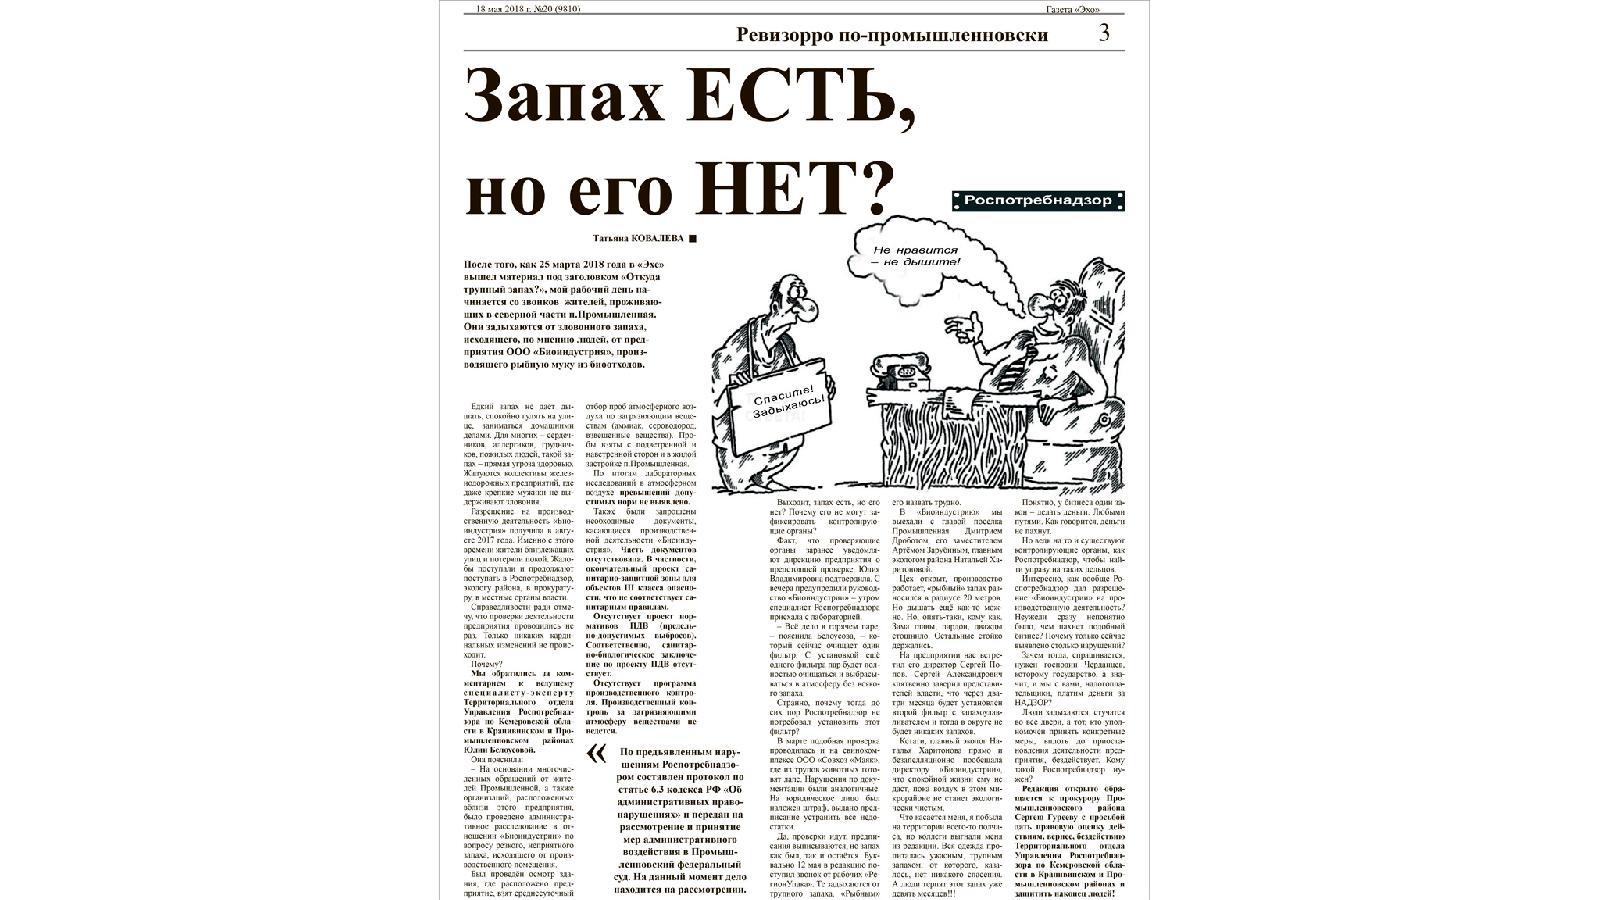 Одна из самых популярных рубрик газеты – «Ревизорро по‑промышлен‑ новски». Одноименный проект редакция реализует с 2018 года